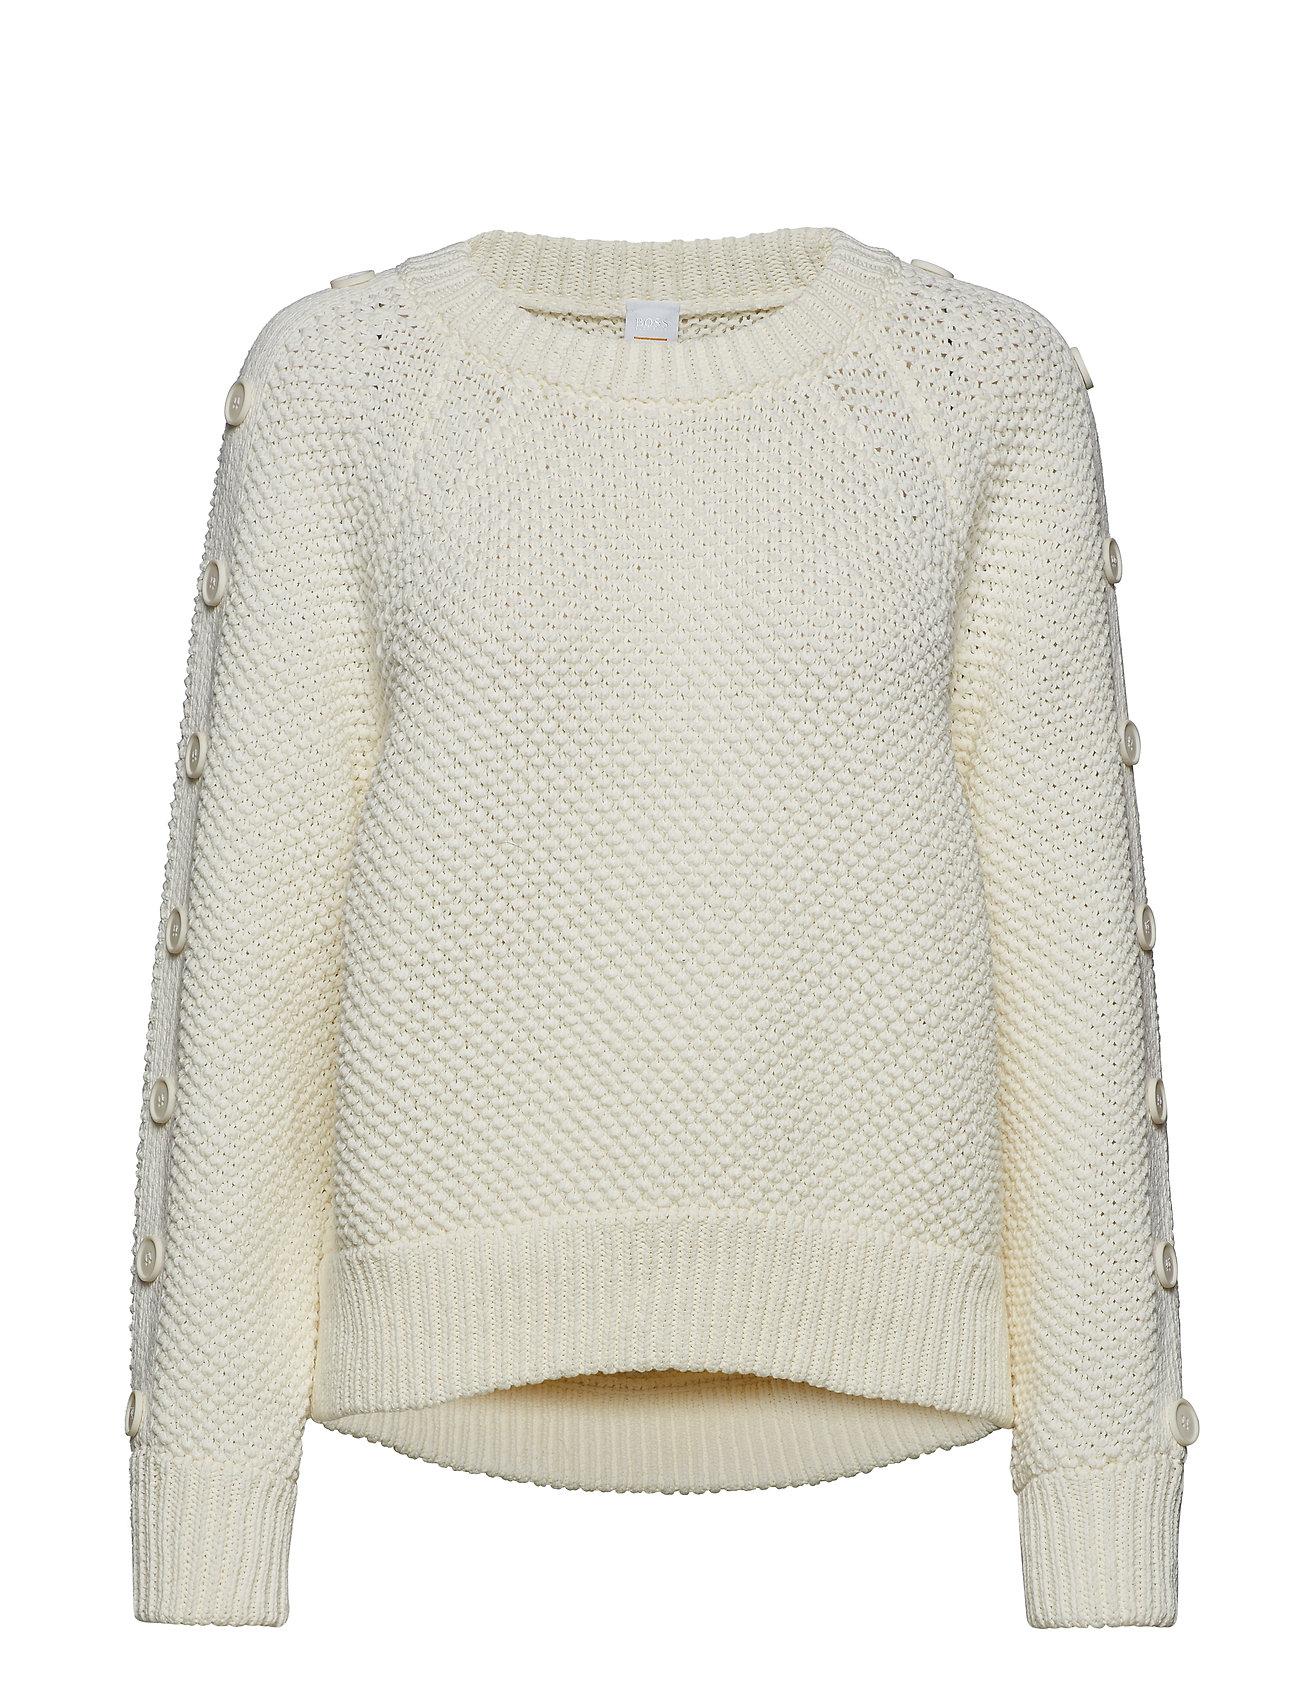 Boss Casual Wear Ivanina - OPEN WHITE